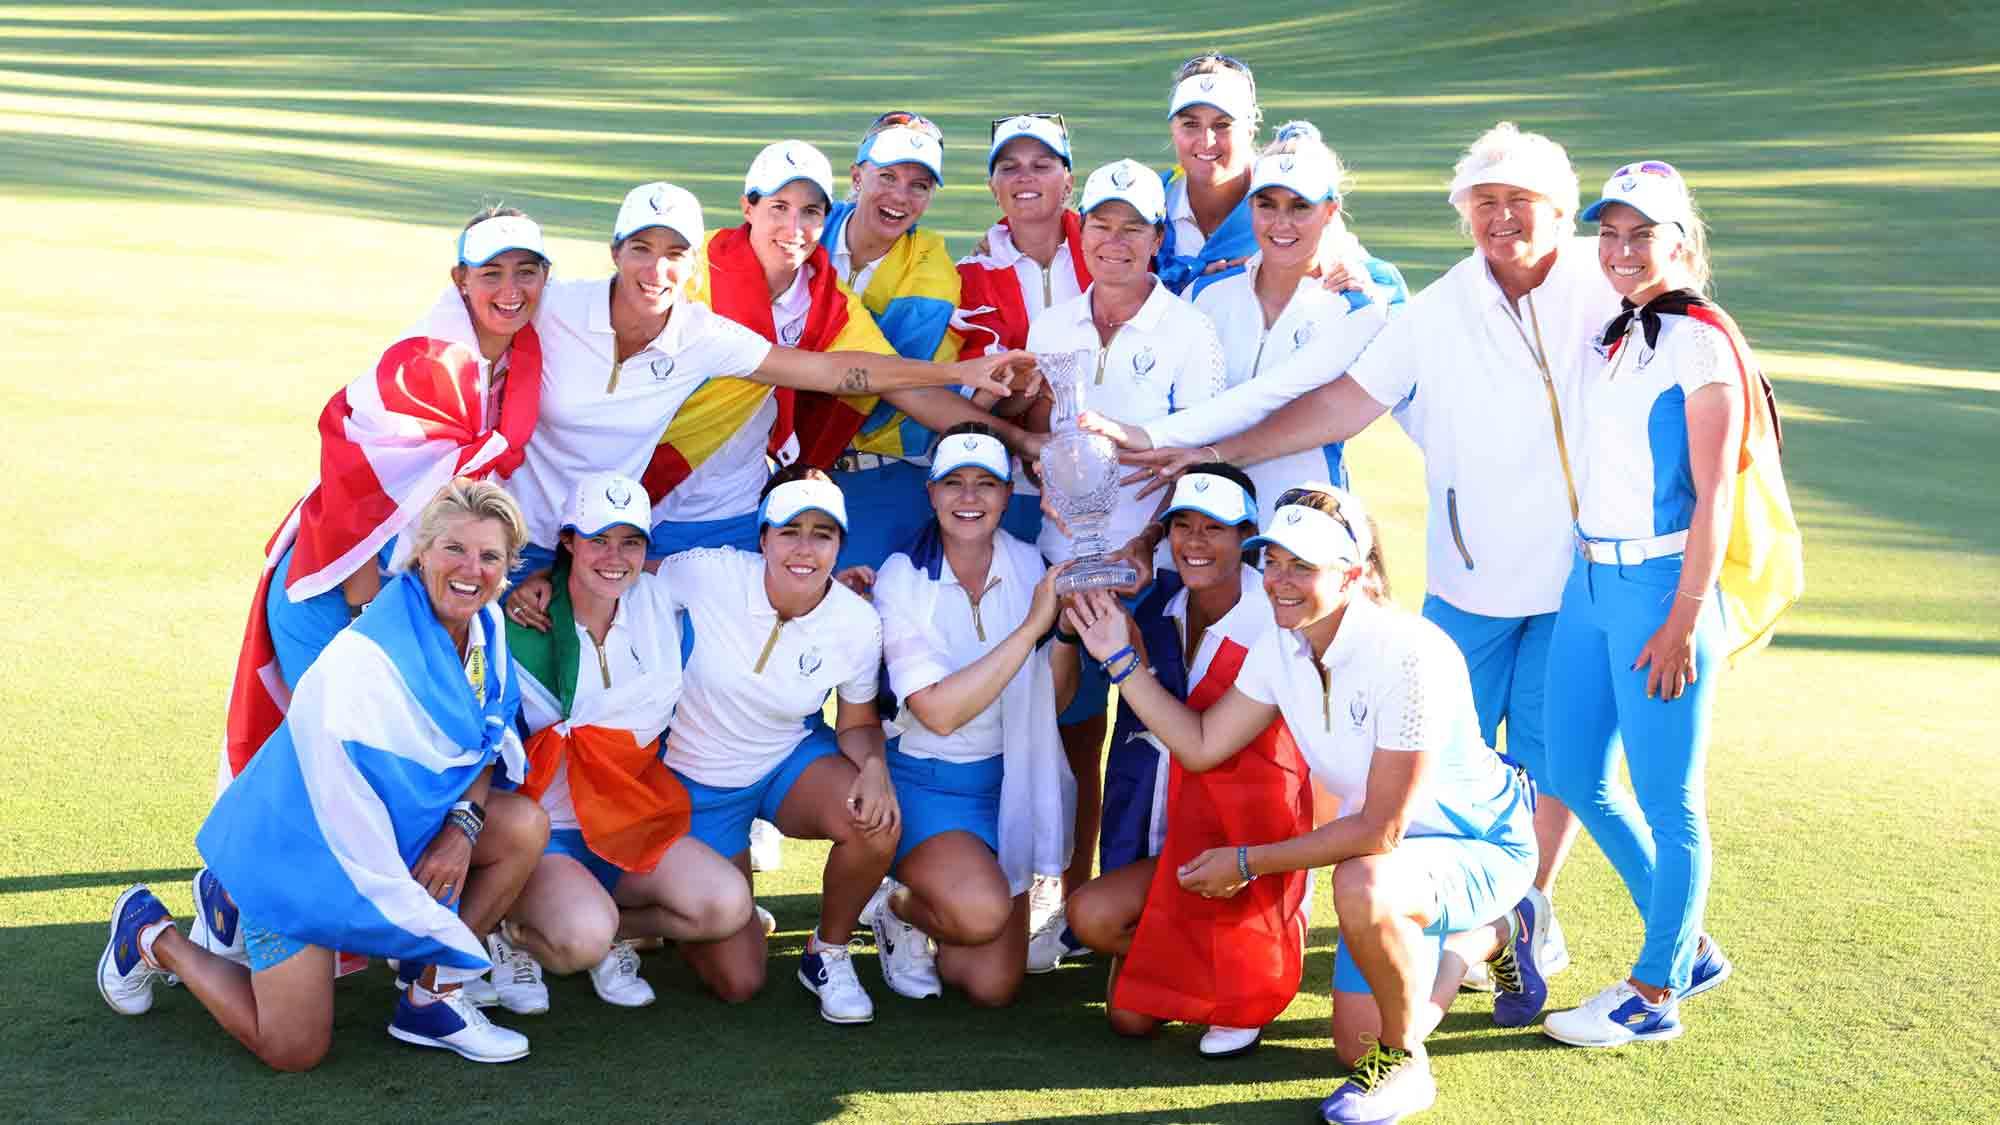 The victorious European Solheim Cup team